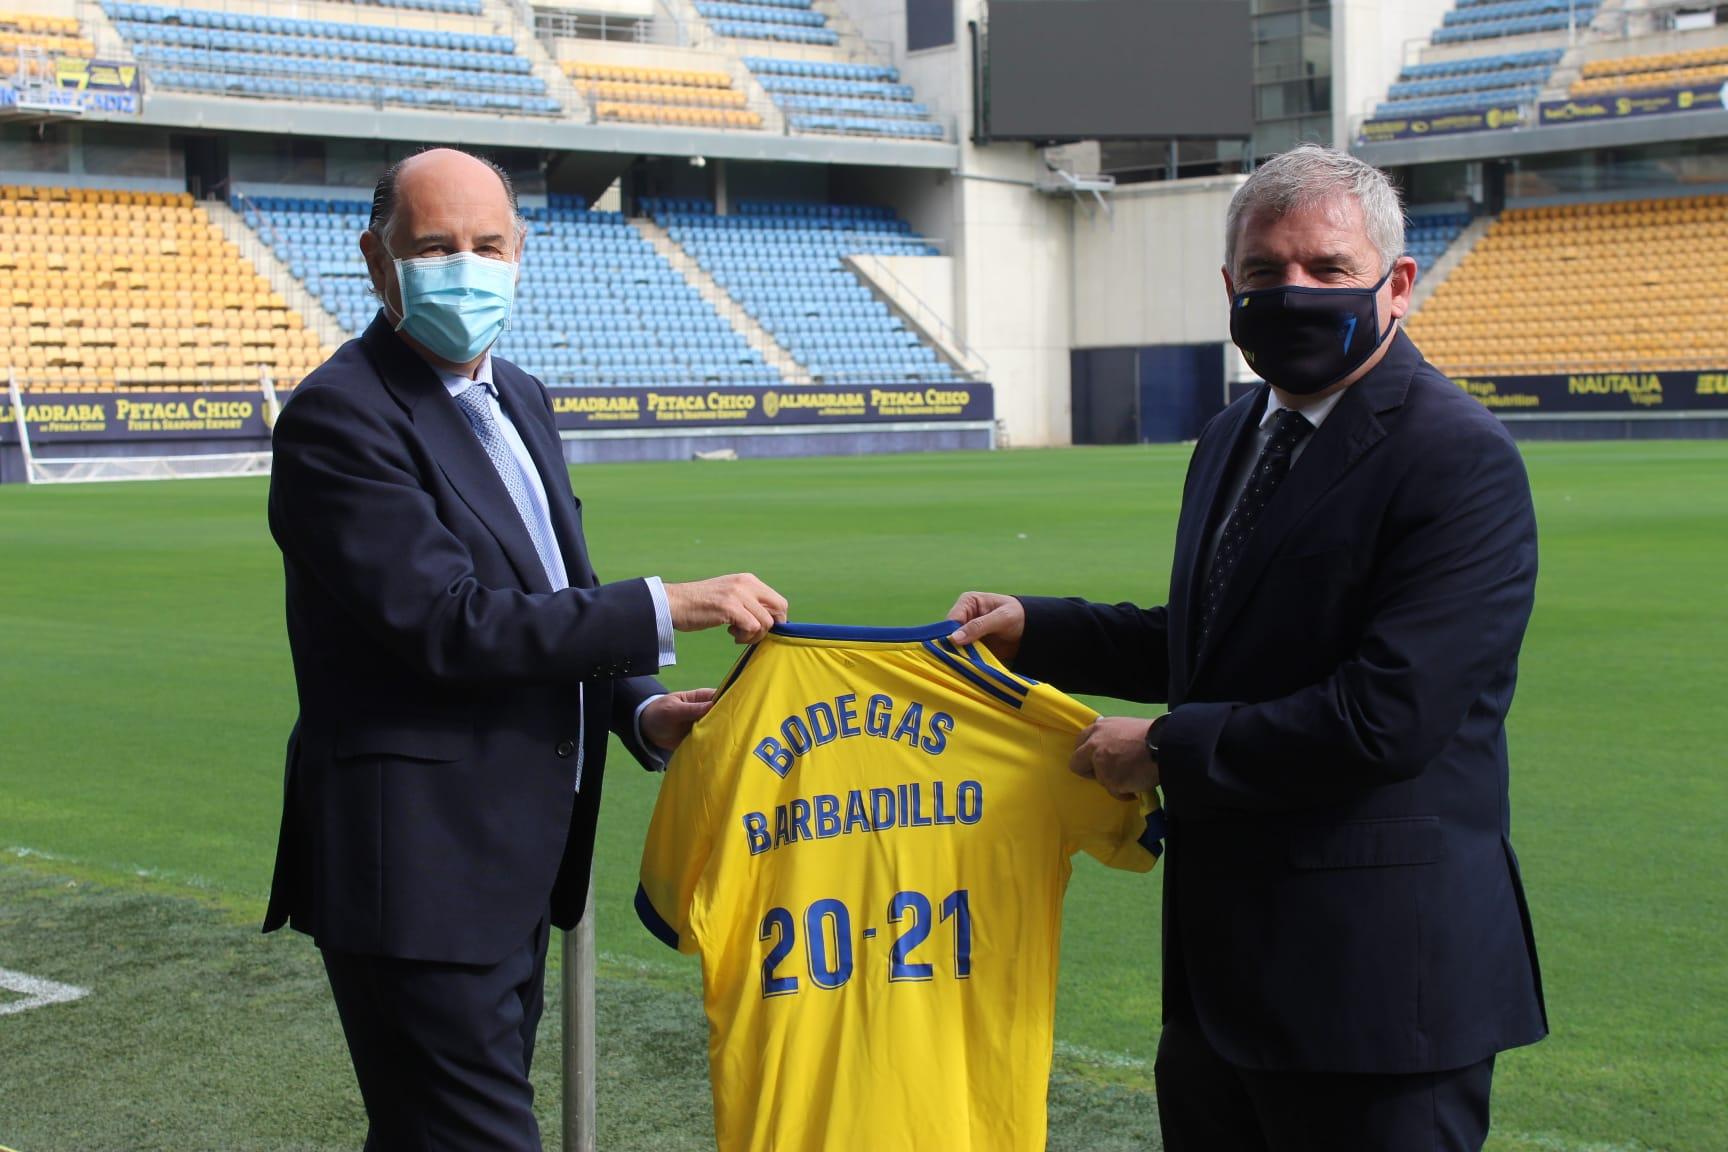 Cádiz C.F. y Bodegas Barbadillo se unen por tres años más para difundir y ampliar el sentimiento cadista